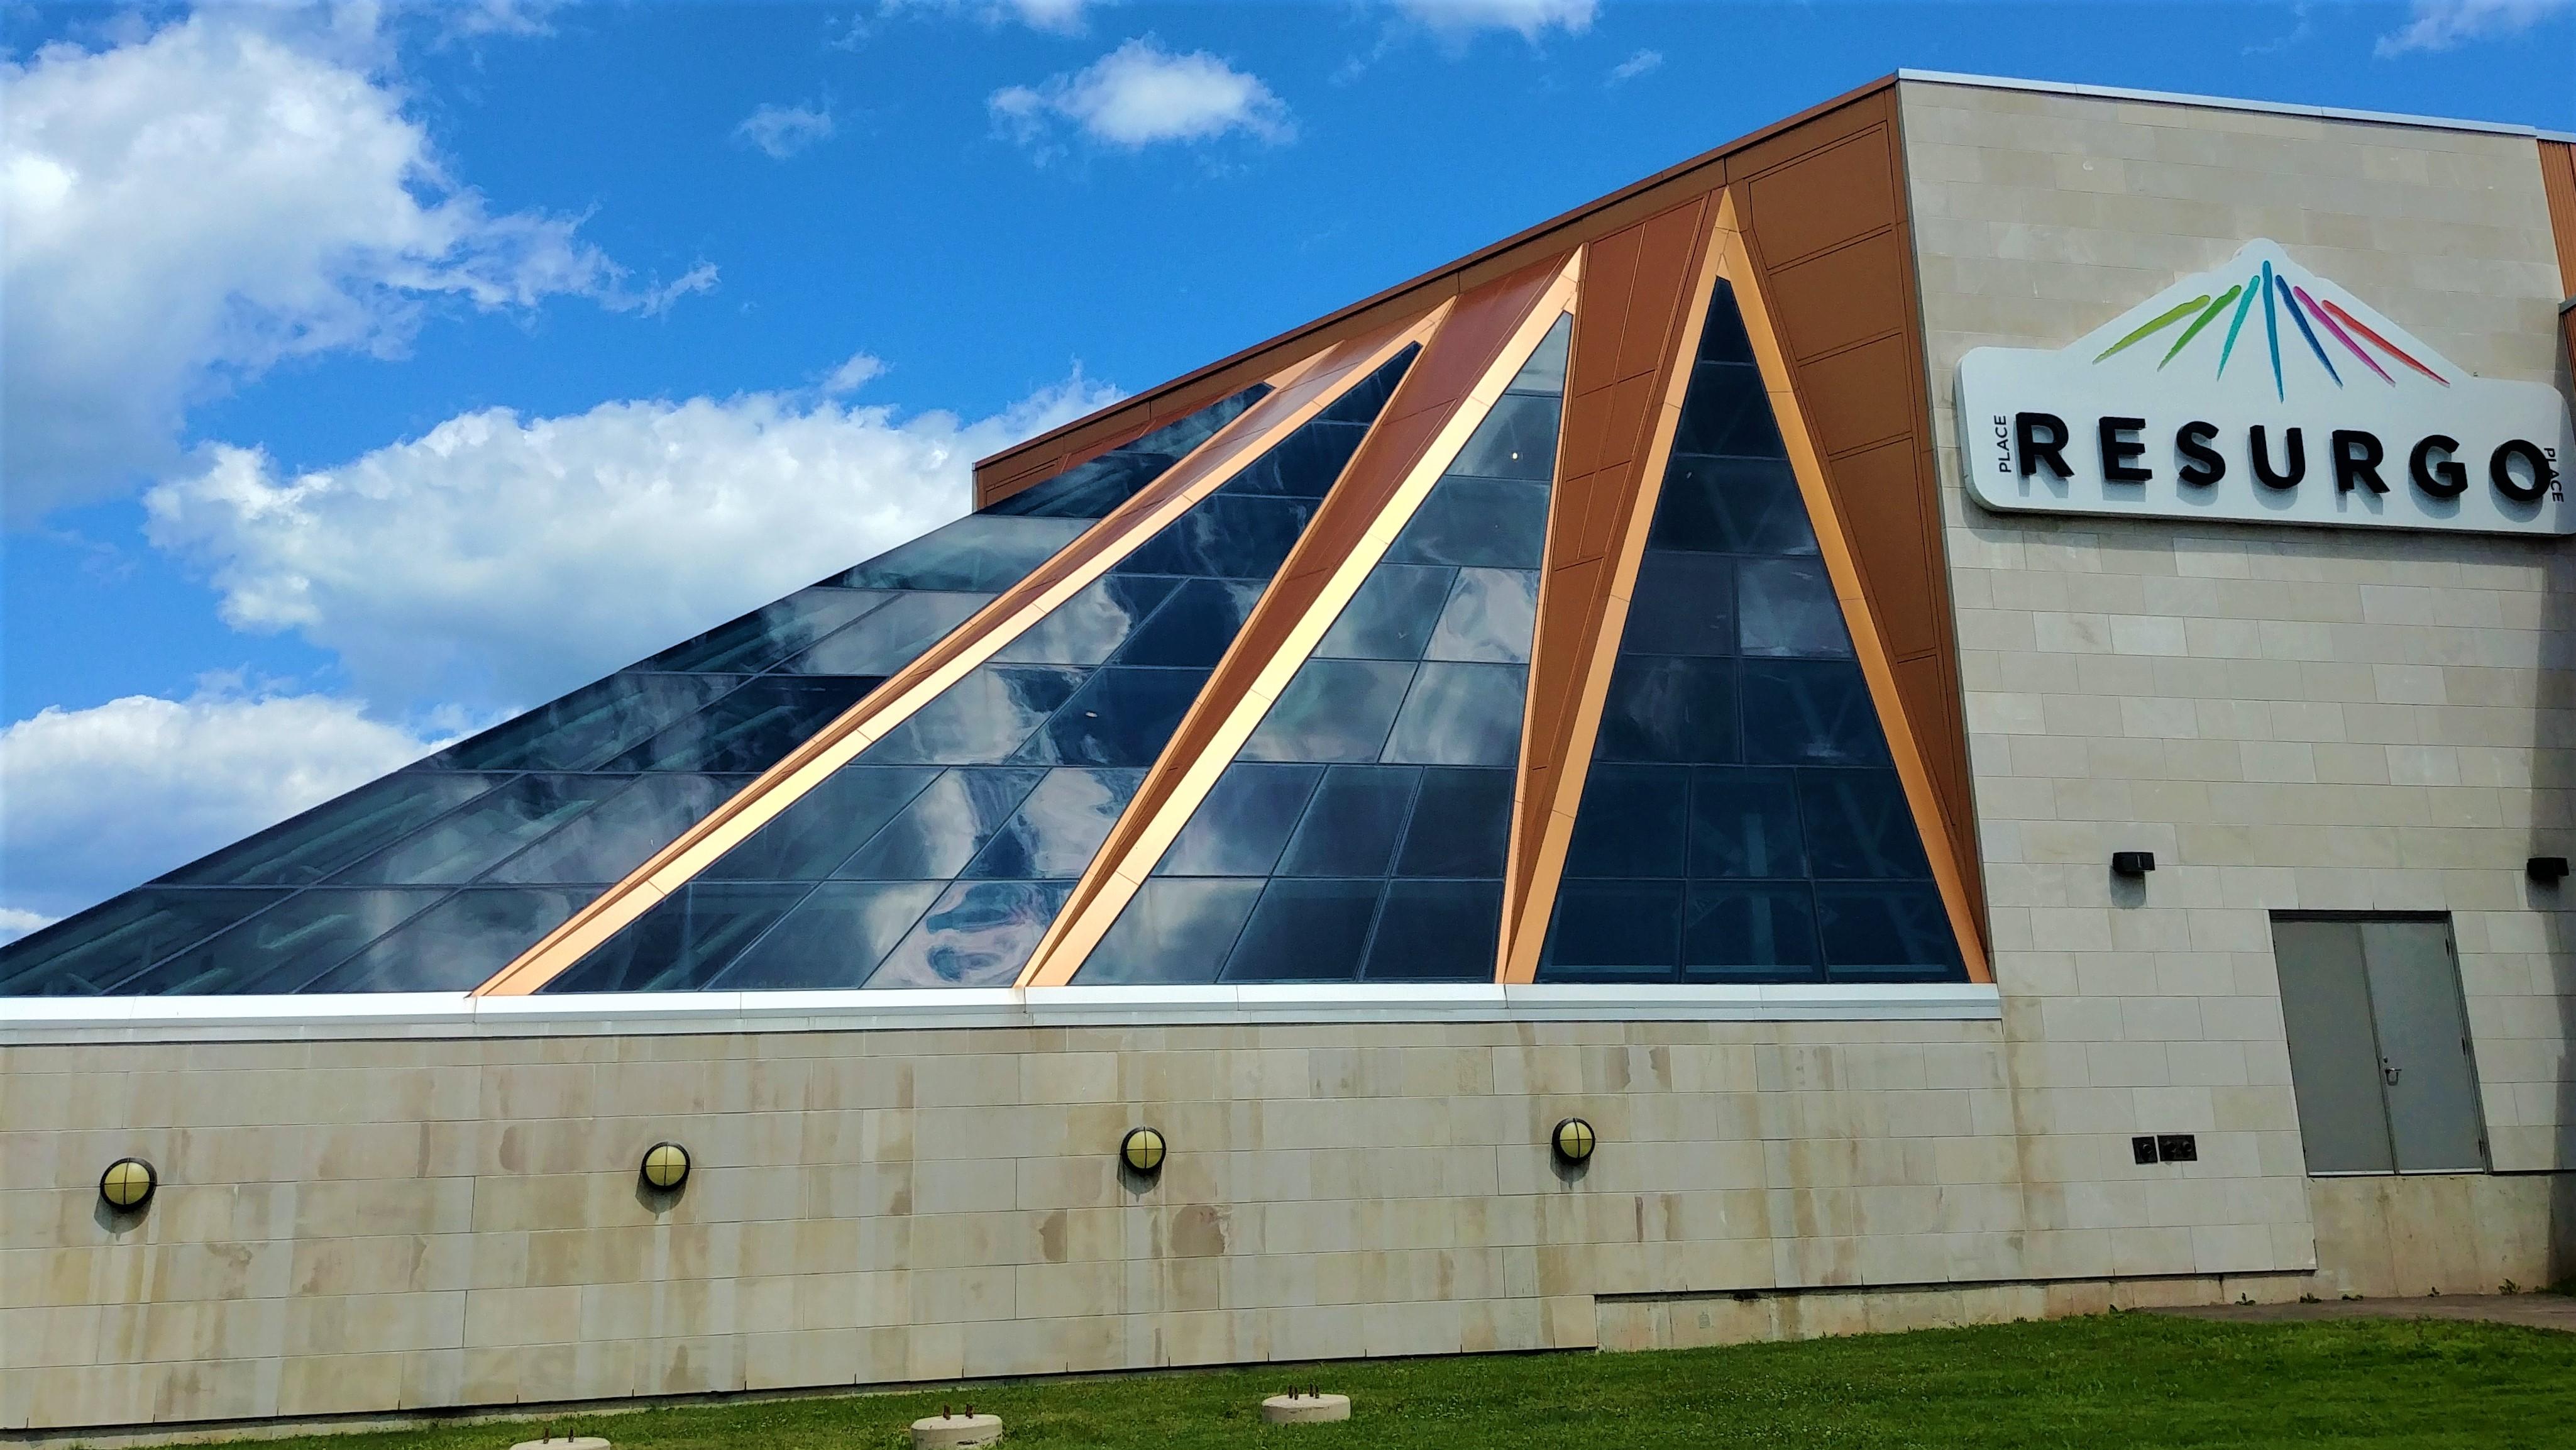 Place Resurgo musee que faire nouveau-brunswick